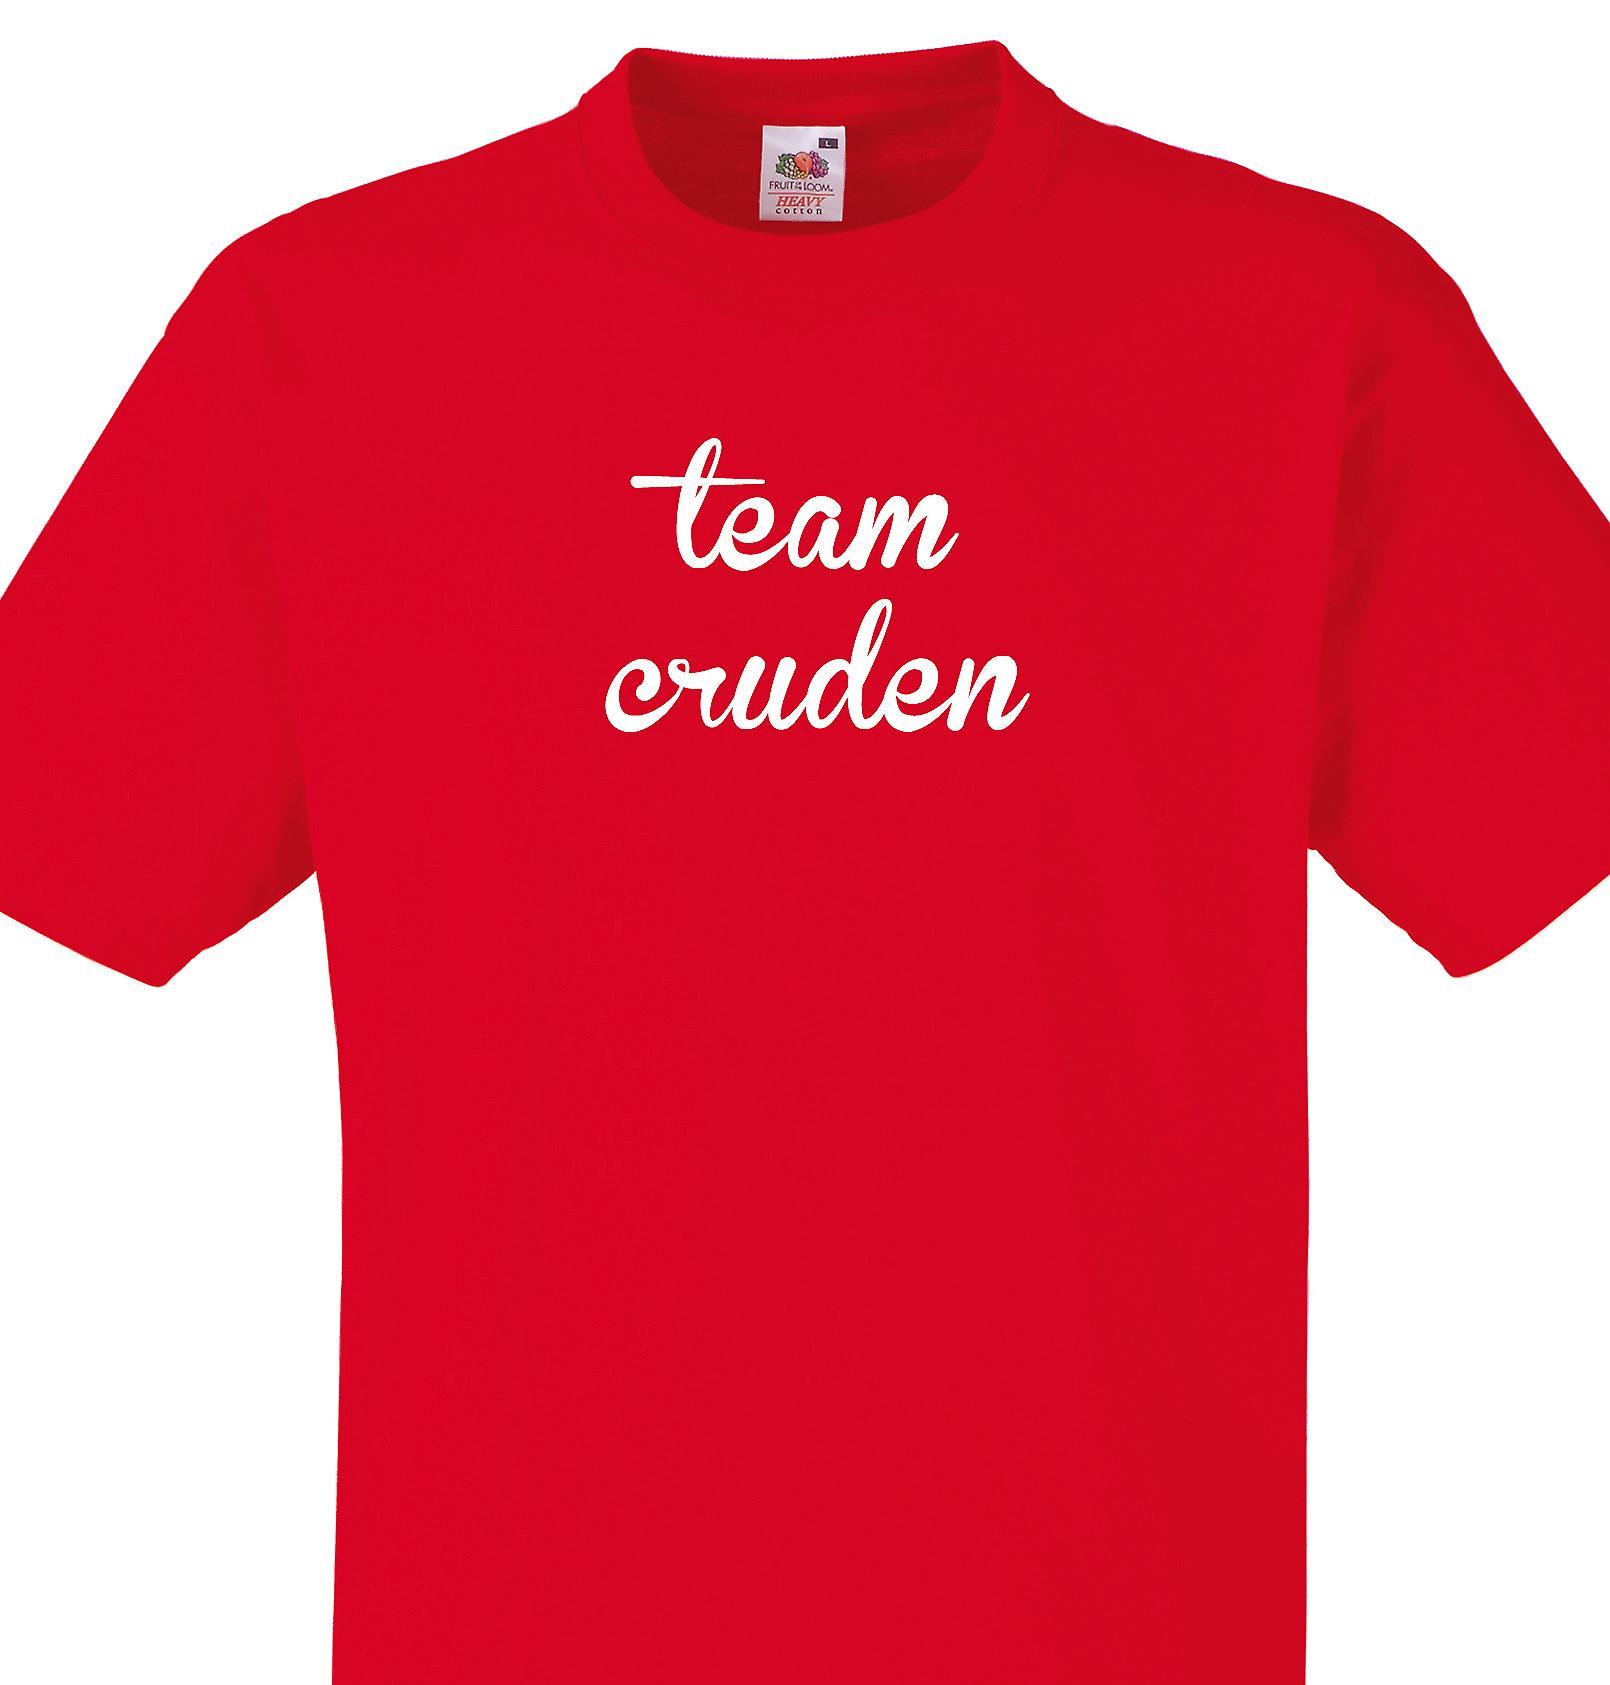 Team Cruden Red T shirt